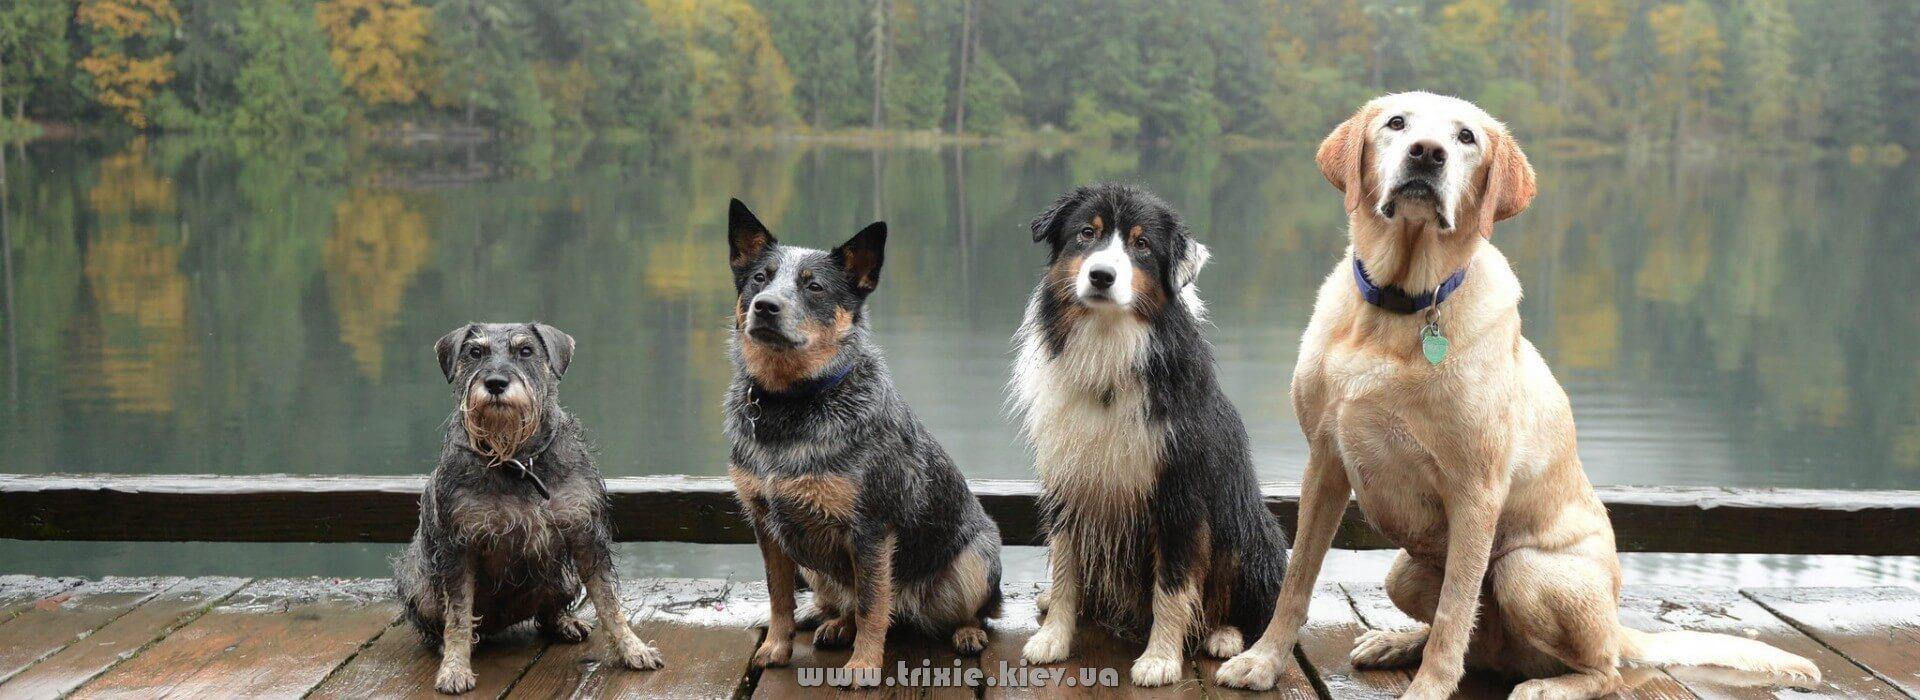 Большинство собак выбирает качественные зоотовары Trixie в Украине именно у нас =)